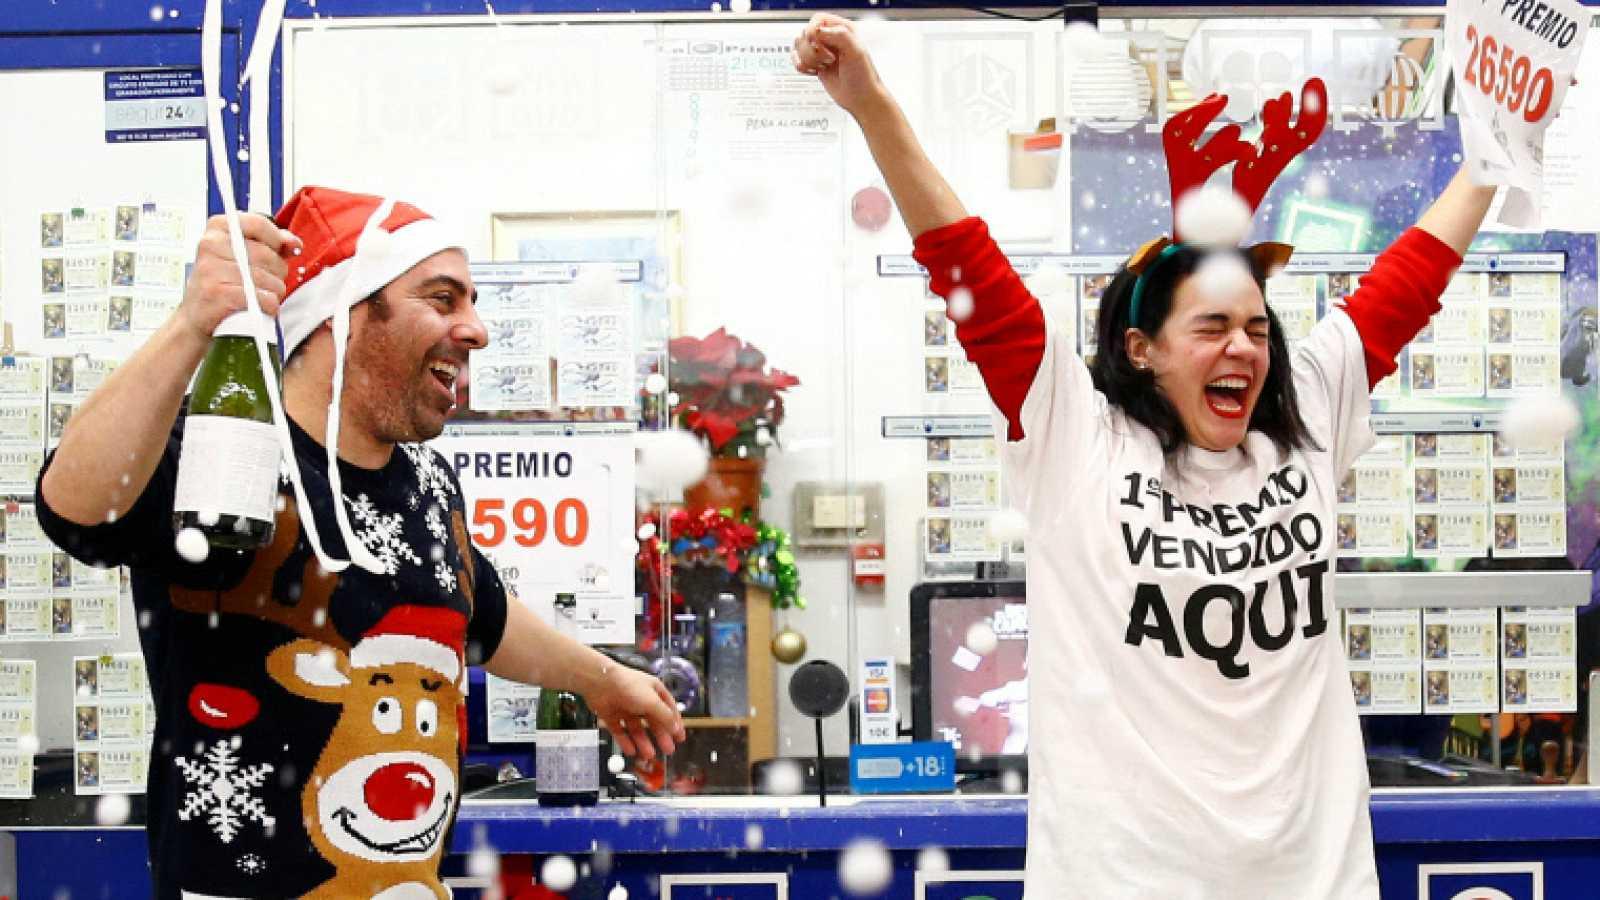 Jose Maria Nogales y Paloma Rodriguez celebran el primer premio de El Gordo de la lotería de Navidad en 2019 en Sevilla